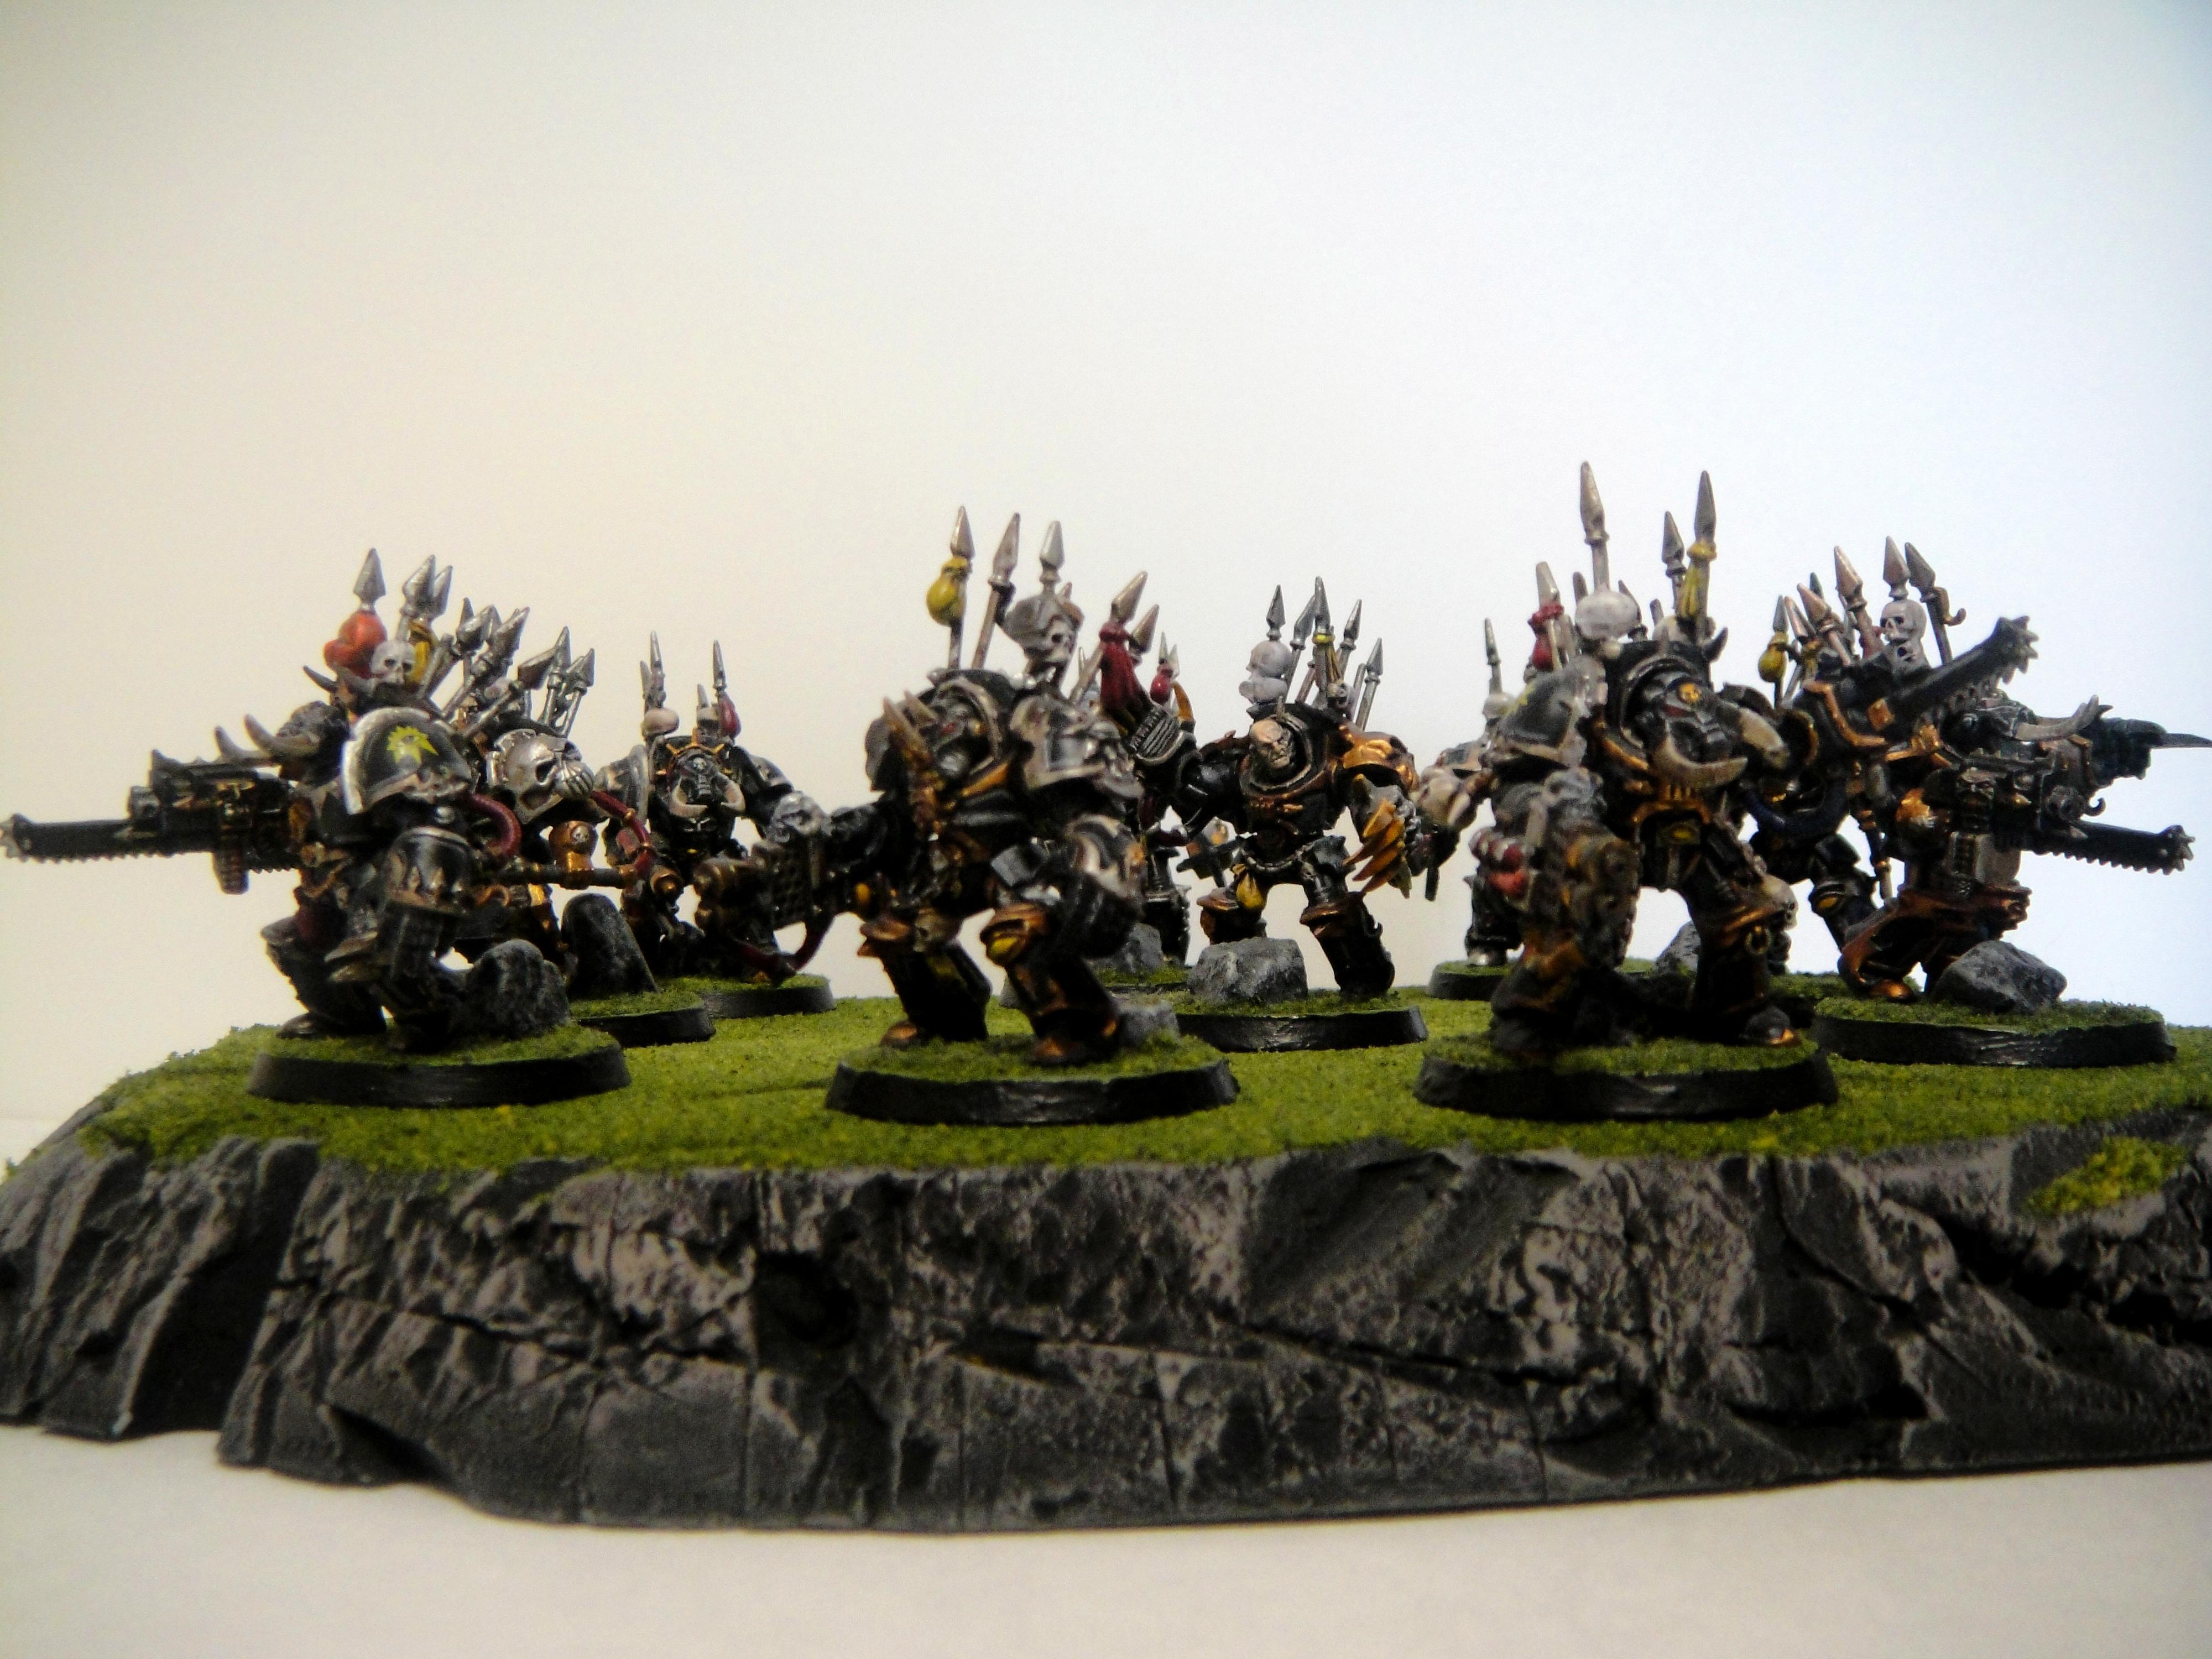 A, Base, Black, Black Legion Terminators, Cool, Legion, On, Set, Terminator Armor, Up